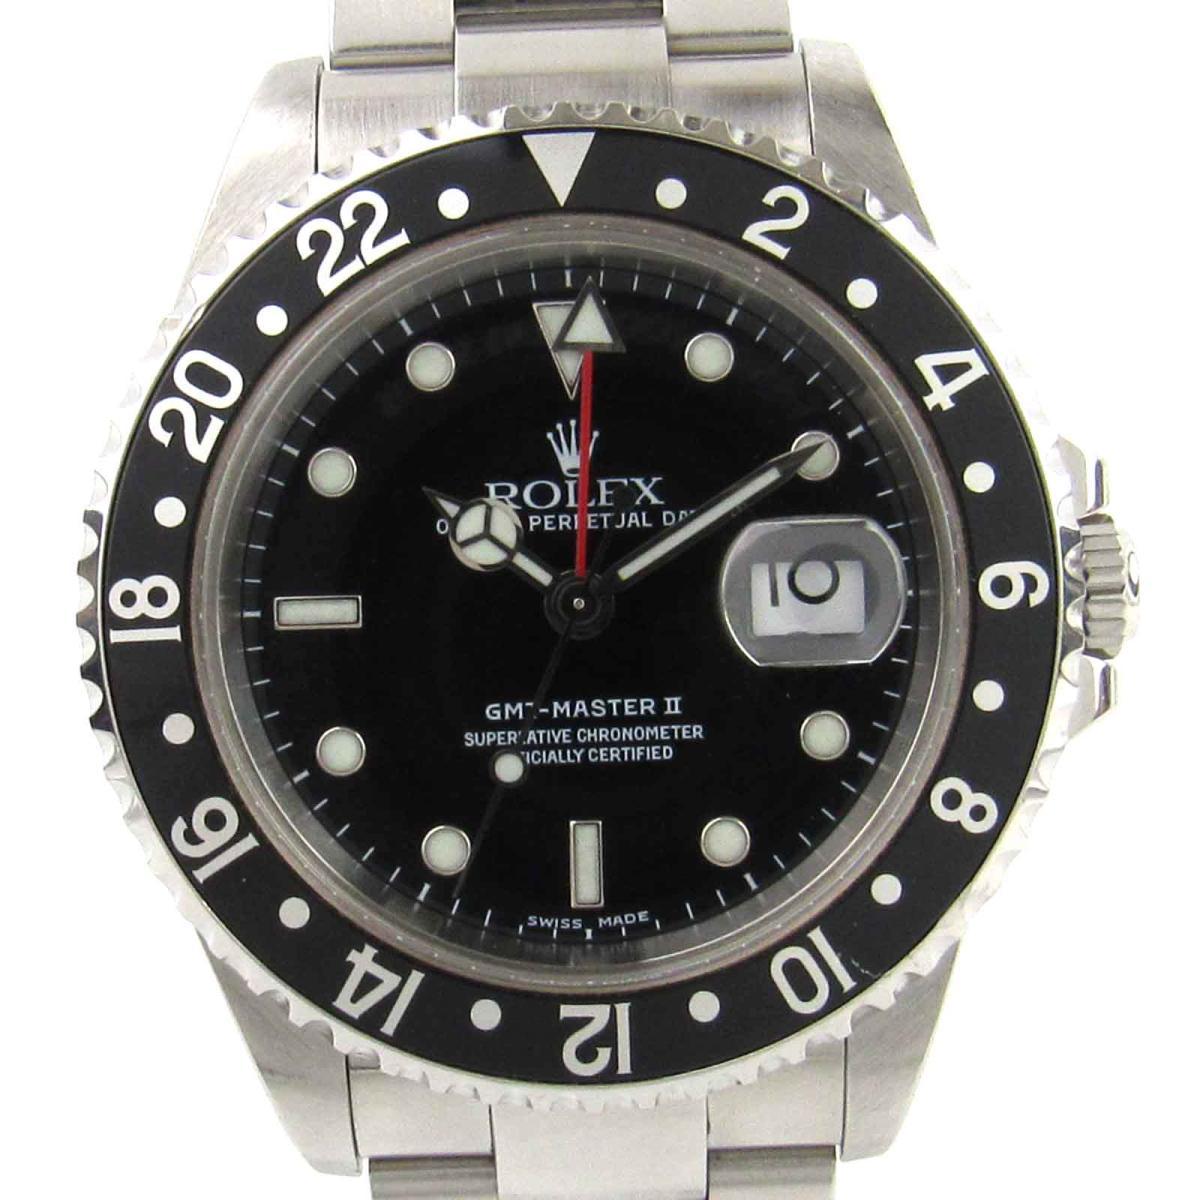 【中古】 ロレックス GMTマスター2 ウオッチ 腕時計 メンズ ステンレススチール (SS) (16710) | ROLEX オートマチック 自動巻き 時計 GMTマスター 美品 ブランドオフ